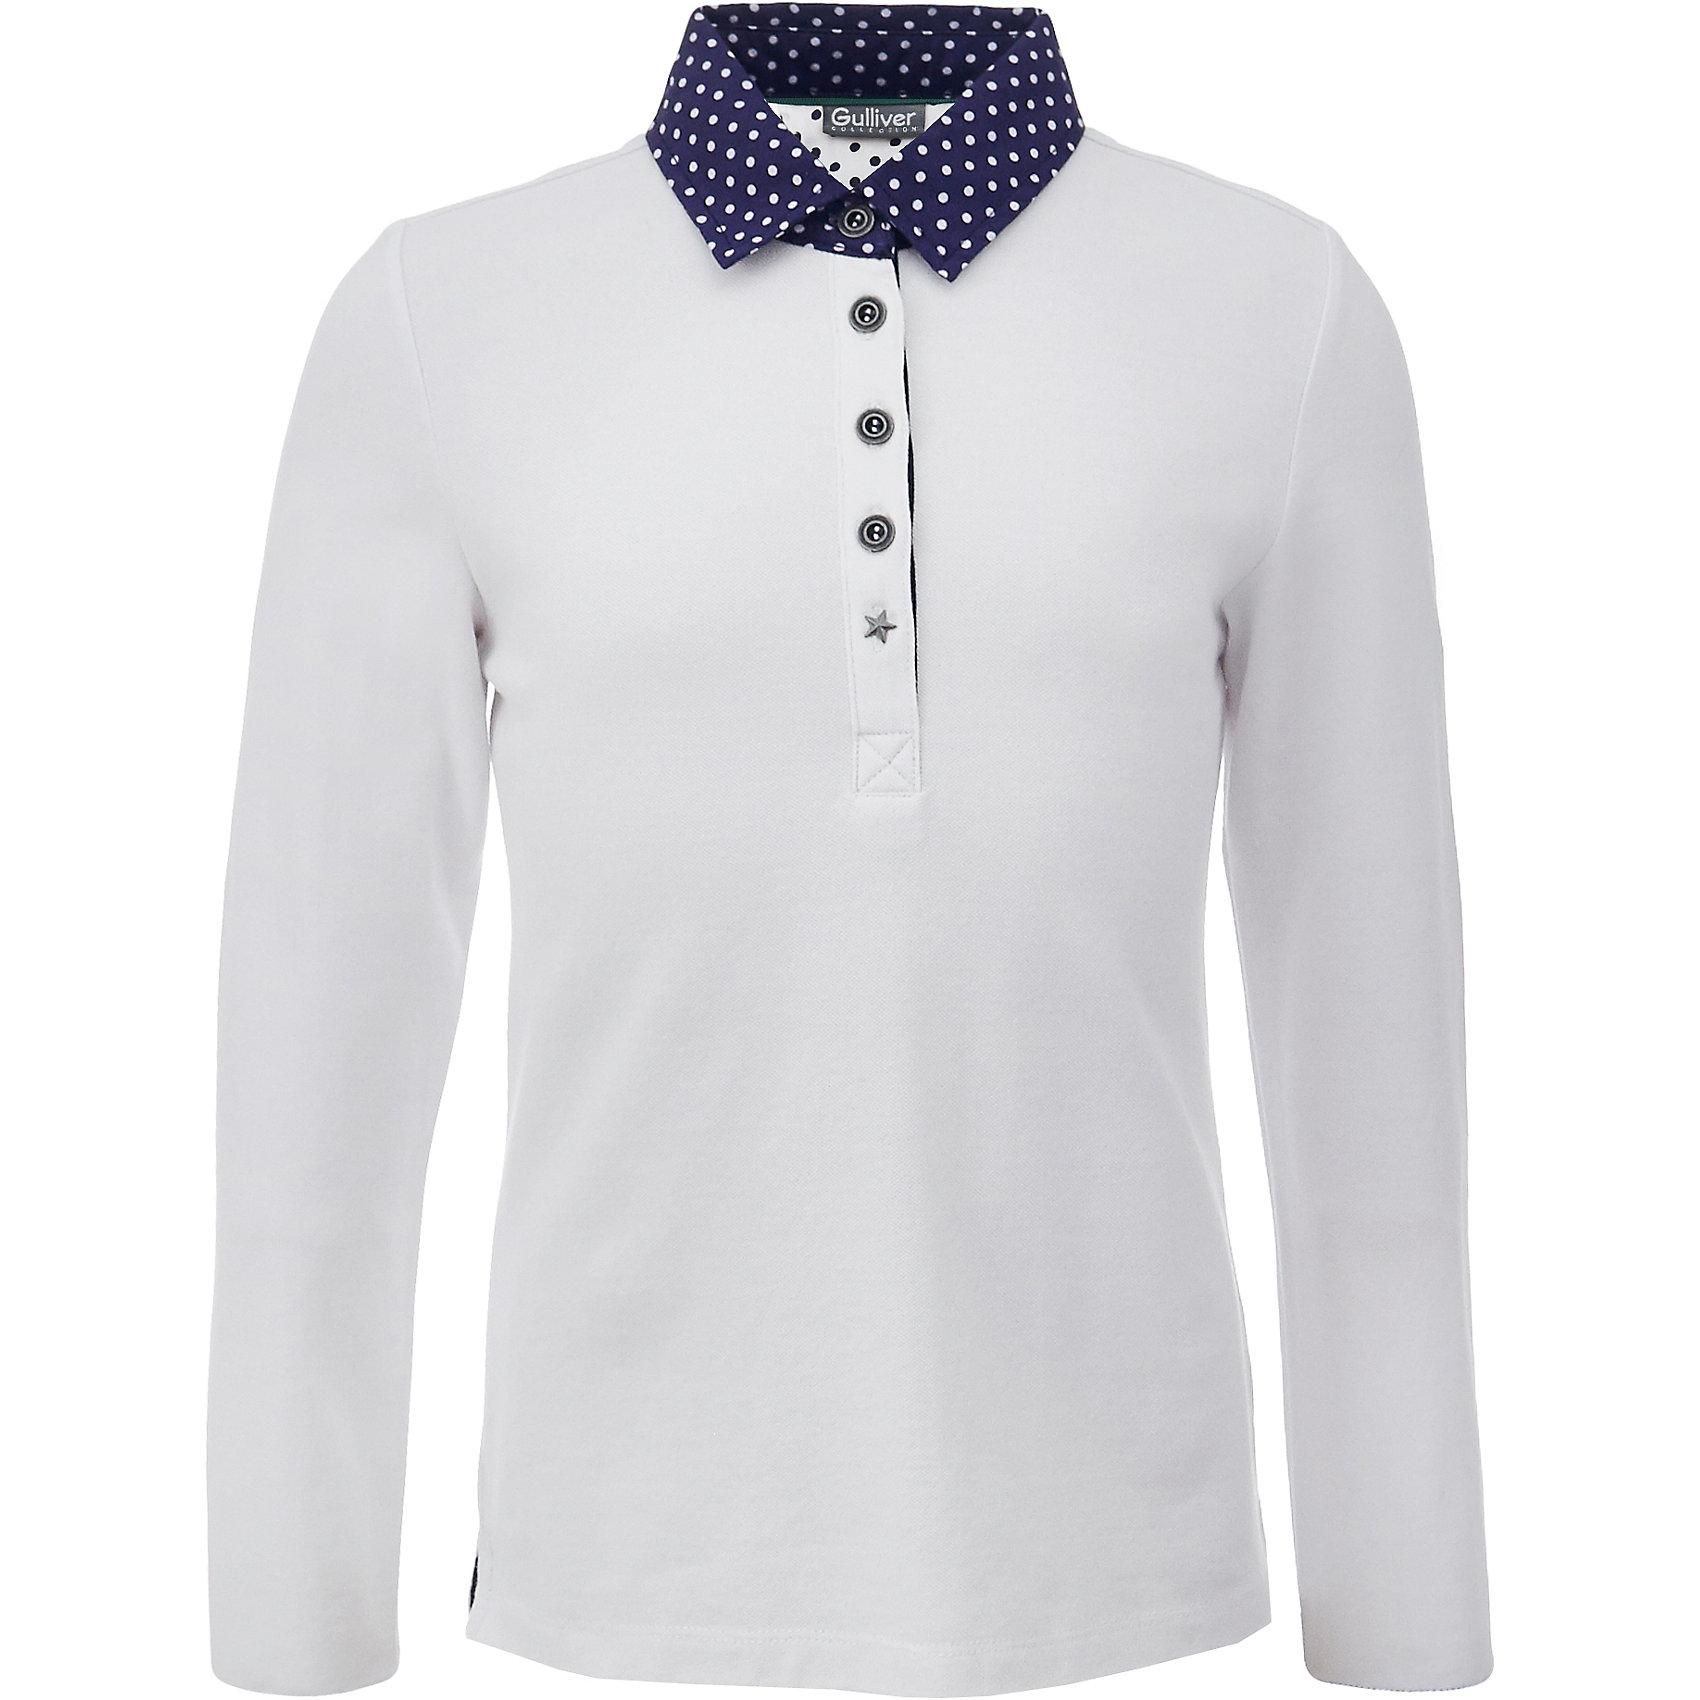 Рубашка-поло для девочки GulliverБлузки и рубашки<br>Характеристики товара:<br><br>• цвет: белый<br>• состав: 95% хлопок, 5% эластан <br>• сезон: демисезон<br>• застежки: пуговицы<br>• воротник-поло<br>• манжеты на пуговицах<br>• особенности: школьная, повседневная<br>• страна бренда: Российская Федерация<br>• страна производства: Российская Федерация<br><br>Школьная рубашка-поло для девочки. Белая рубашка-поло с контрастным воротником и манжетами синего цвета в белый горох. Манжеты рукавов на пуговице.<br><br>Футболку-поло для девочки Gulliver (Гулливер) можно купить в нашем интернет-магазине.<br><br>Ширина мм: 199<br>Глубина мм: 10<br>Высота мм: 161<br>Вес г: 151<br>Цвет: белый<br>Возраст от месяцев: 168<br>Возраст до месяцев: 180<br>Пол: Женский<br>Возраст: Детский<br>Размер: 170,122,128,134,140,146,152,158,164<br>SKU: 6678672